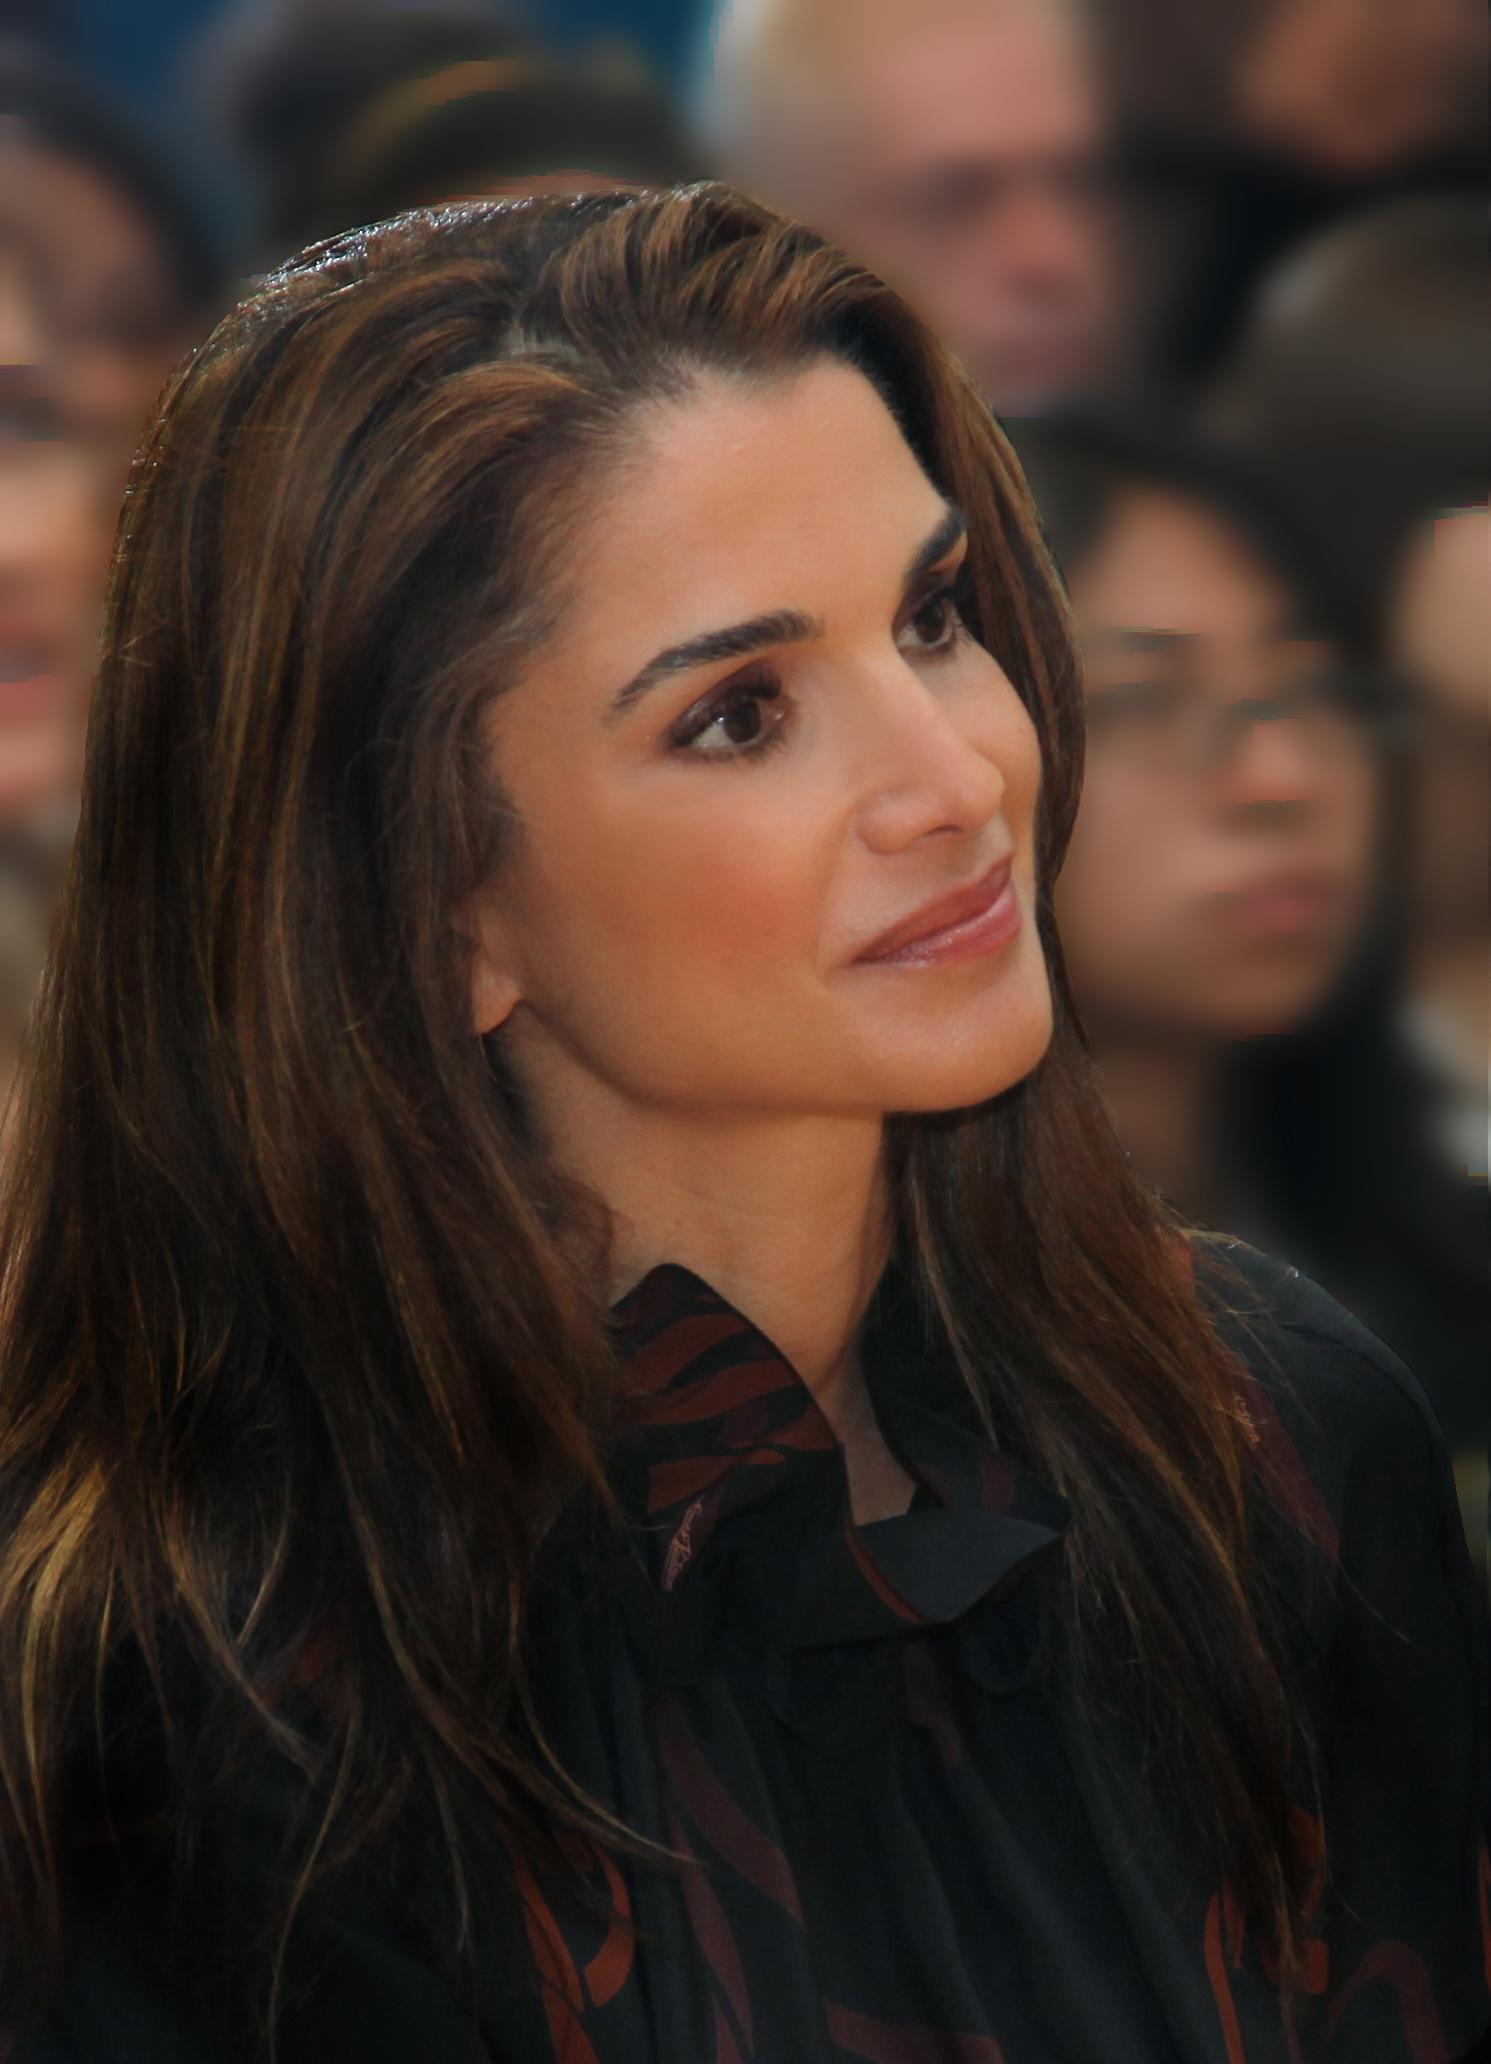 الملكة رانيا .. جمال وأناقه !